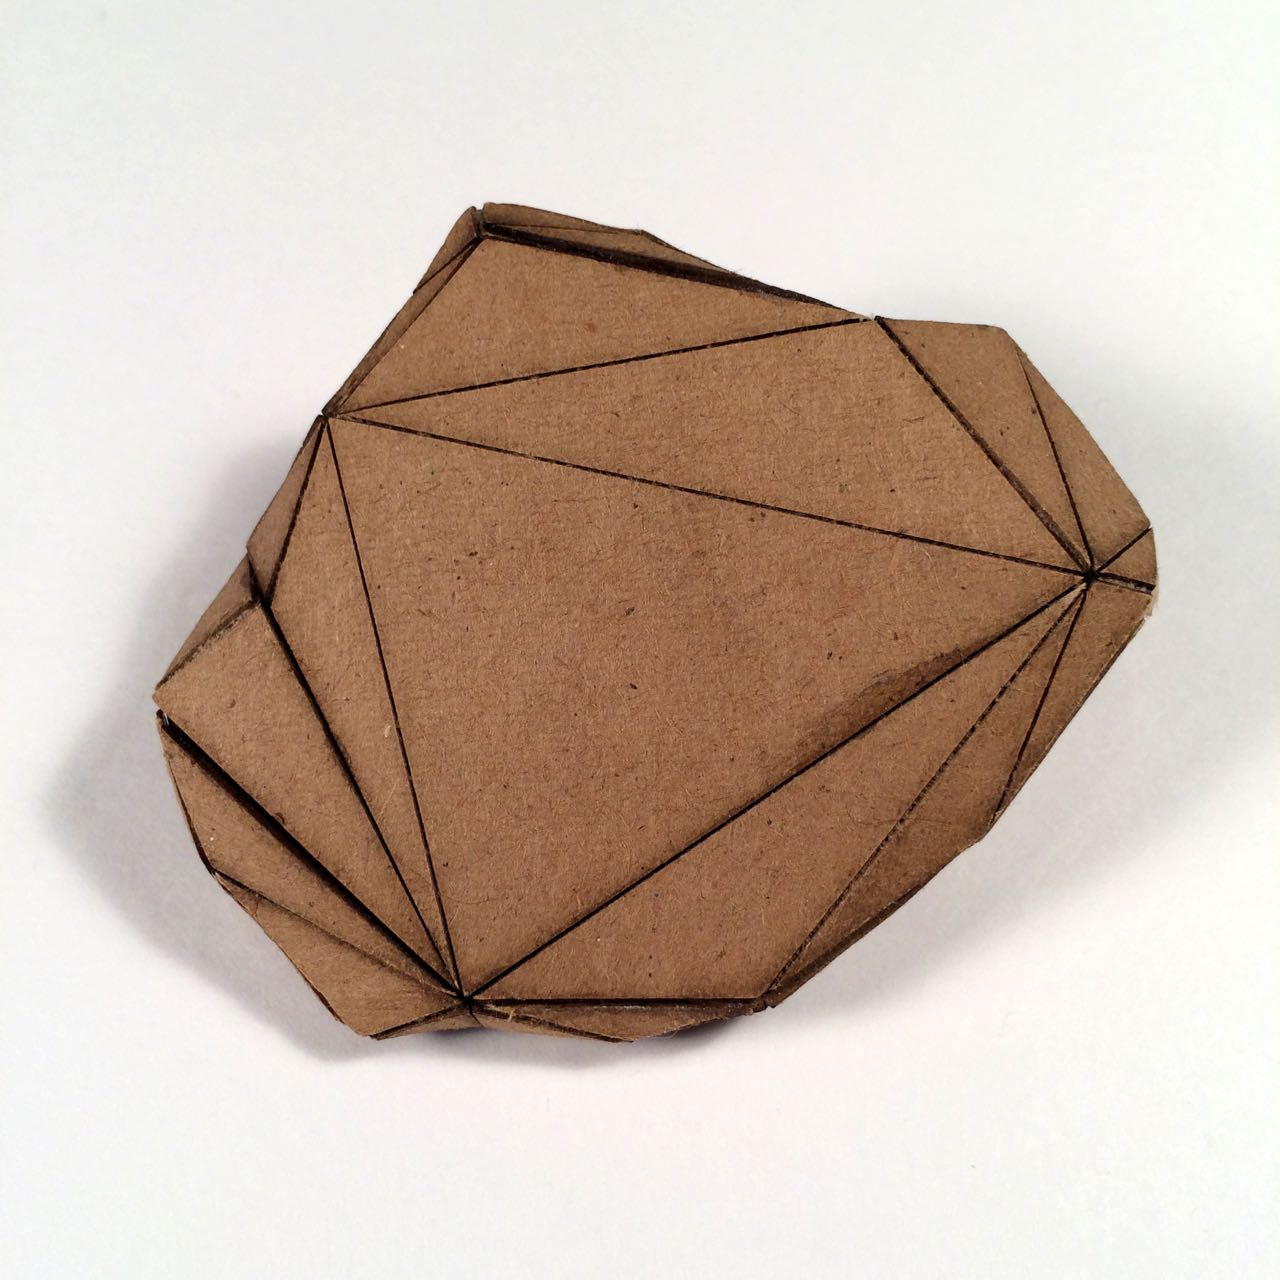 (Back view) 024 - Boxes For Rocks, 2012, laser cut cardboard, found rocks, glue, 9cm x 7cm x 3cm (flat bottom), 250 CAD